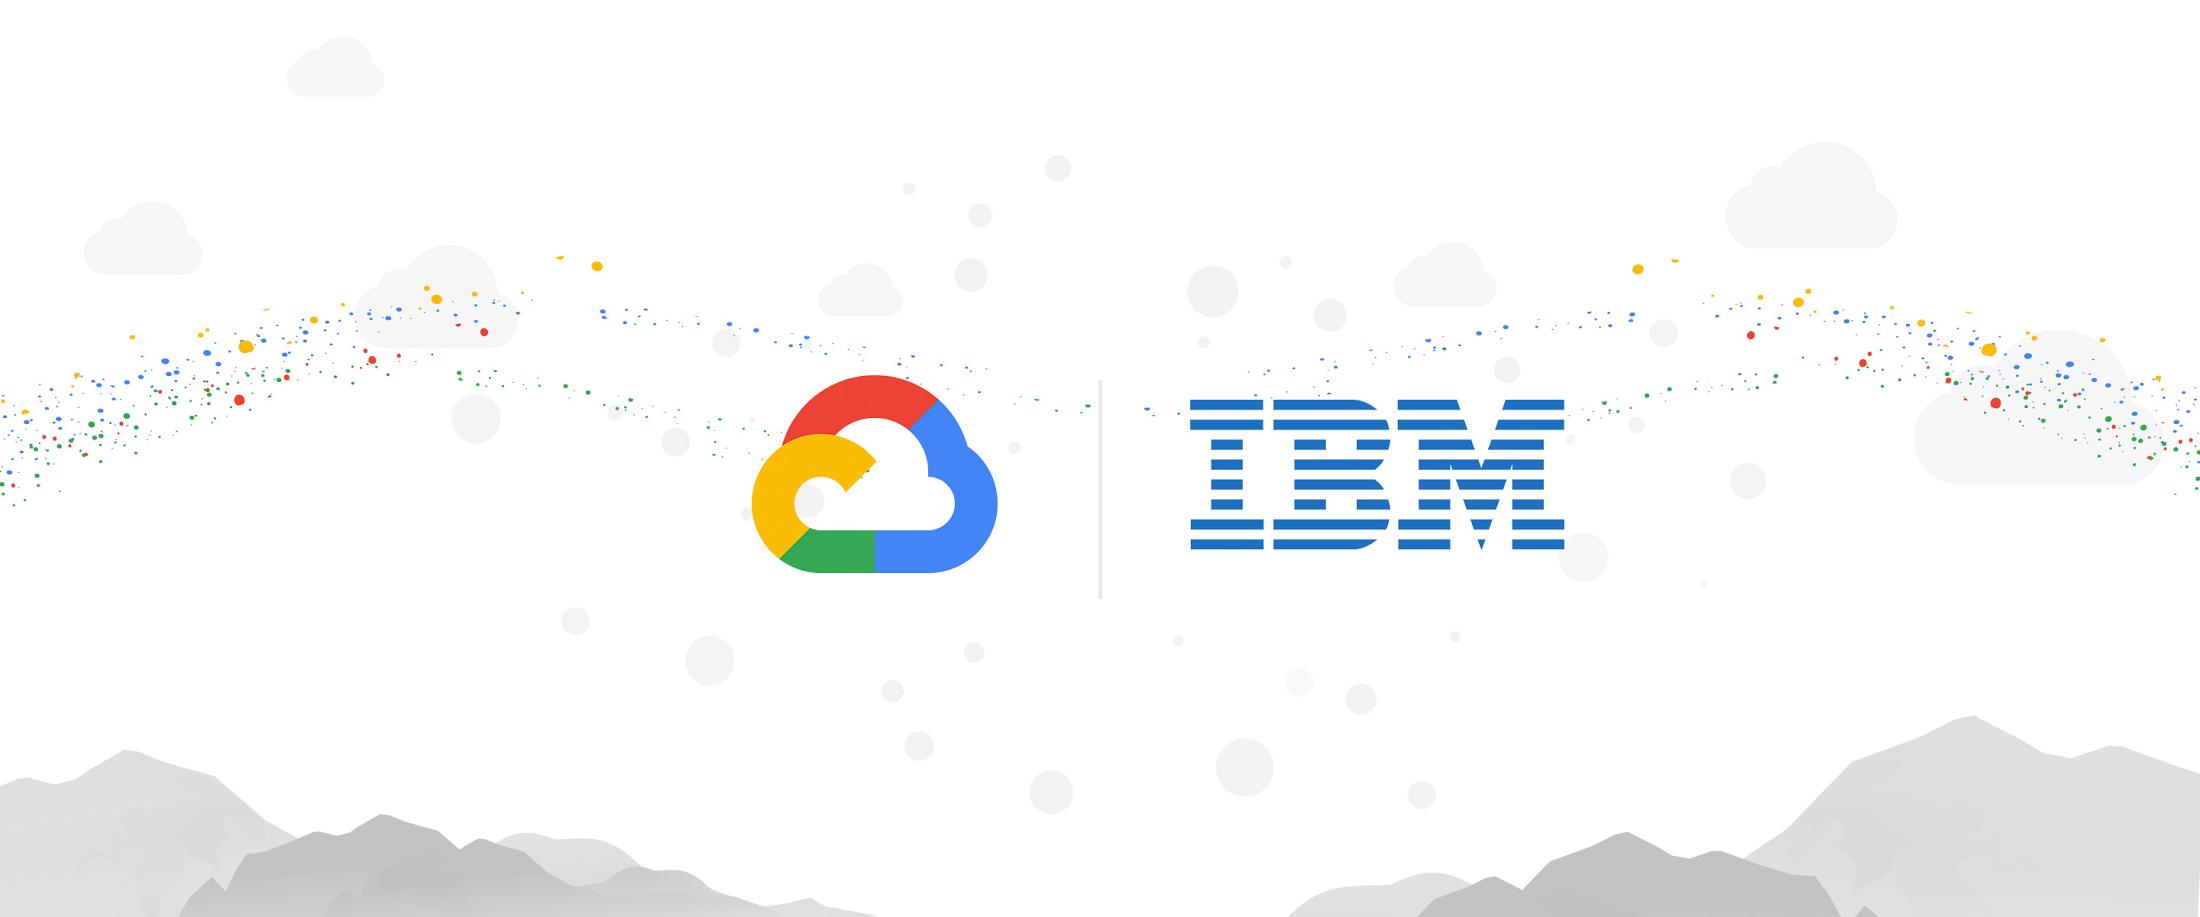 Google trae IBM Power Systems a su nube - TechCrunch 2